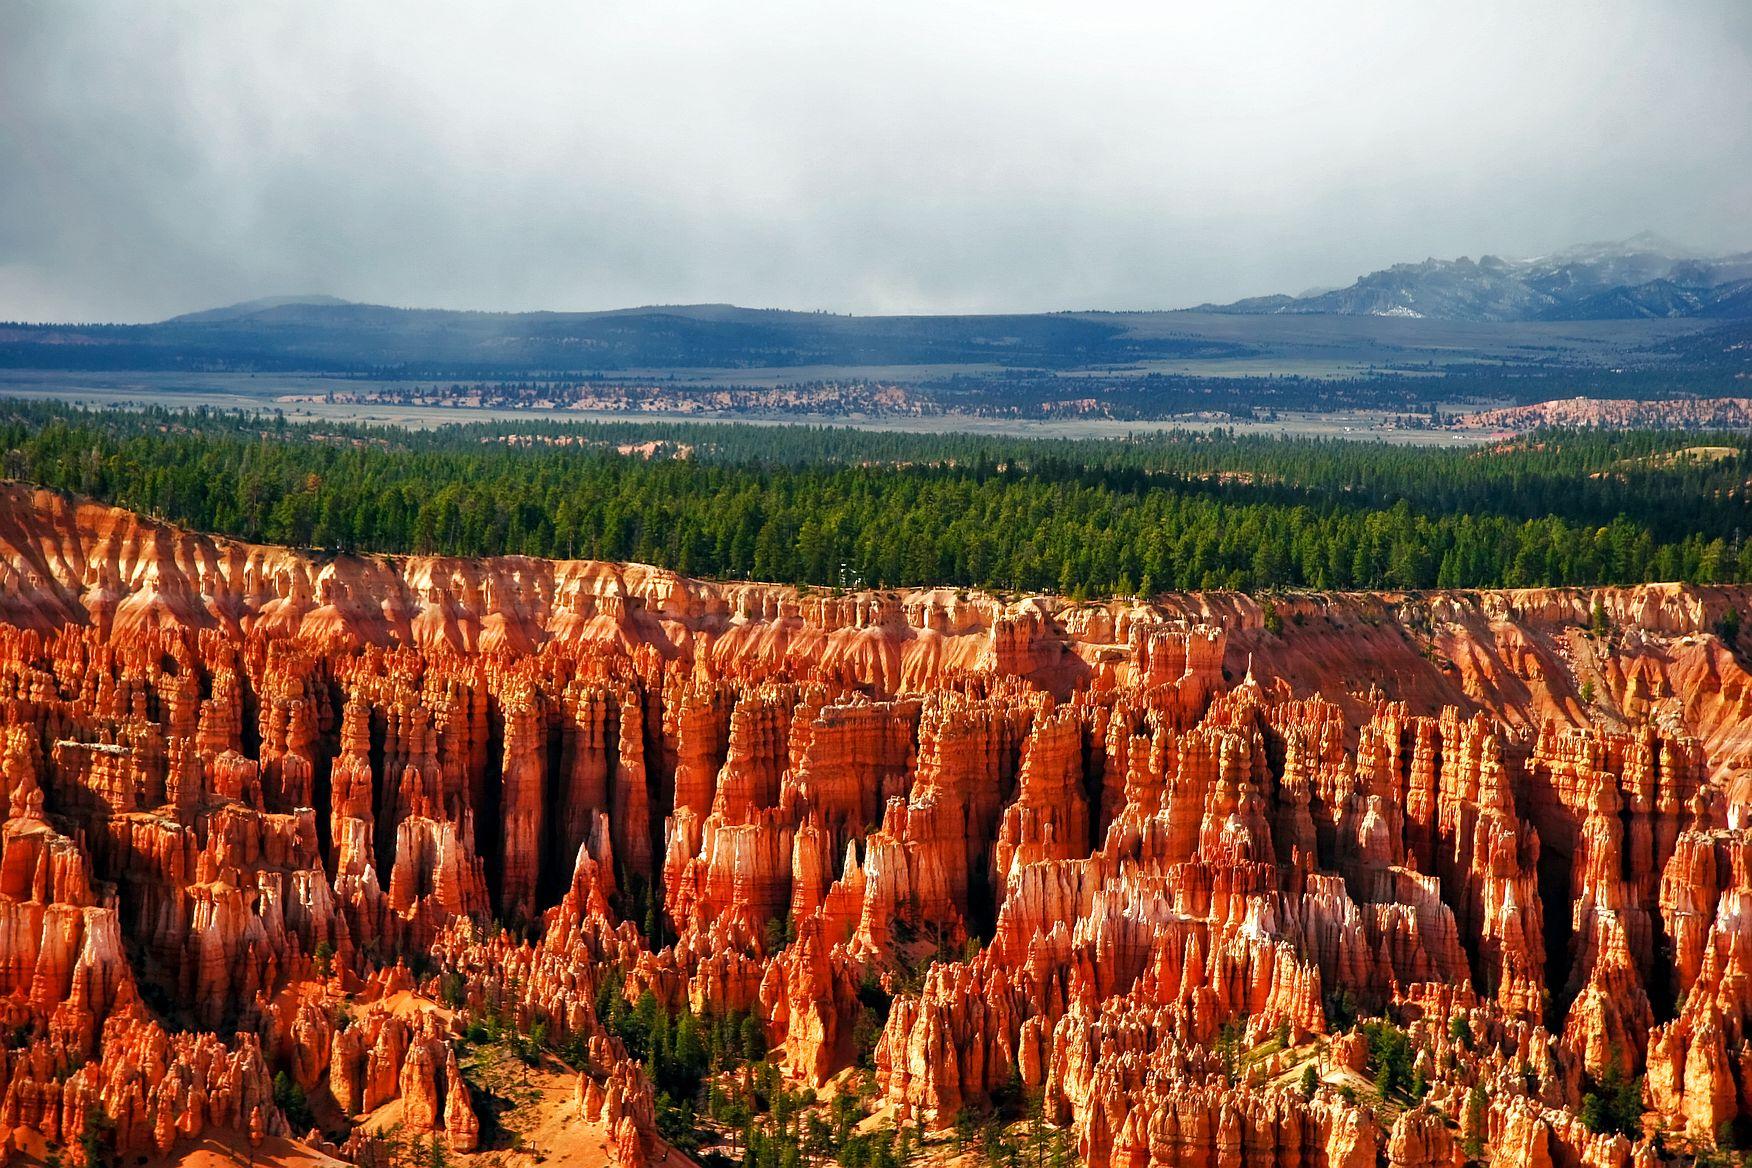 Poznejte blíže rudé jehlany parku Bryce Canyon.